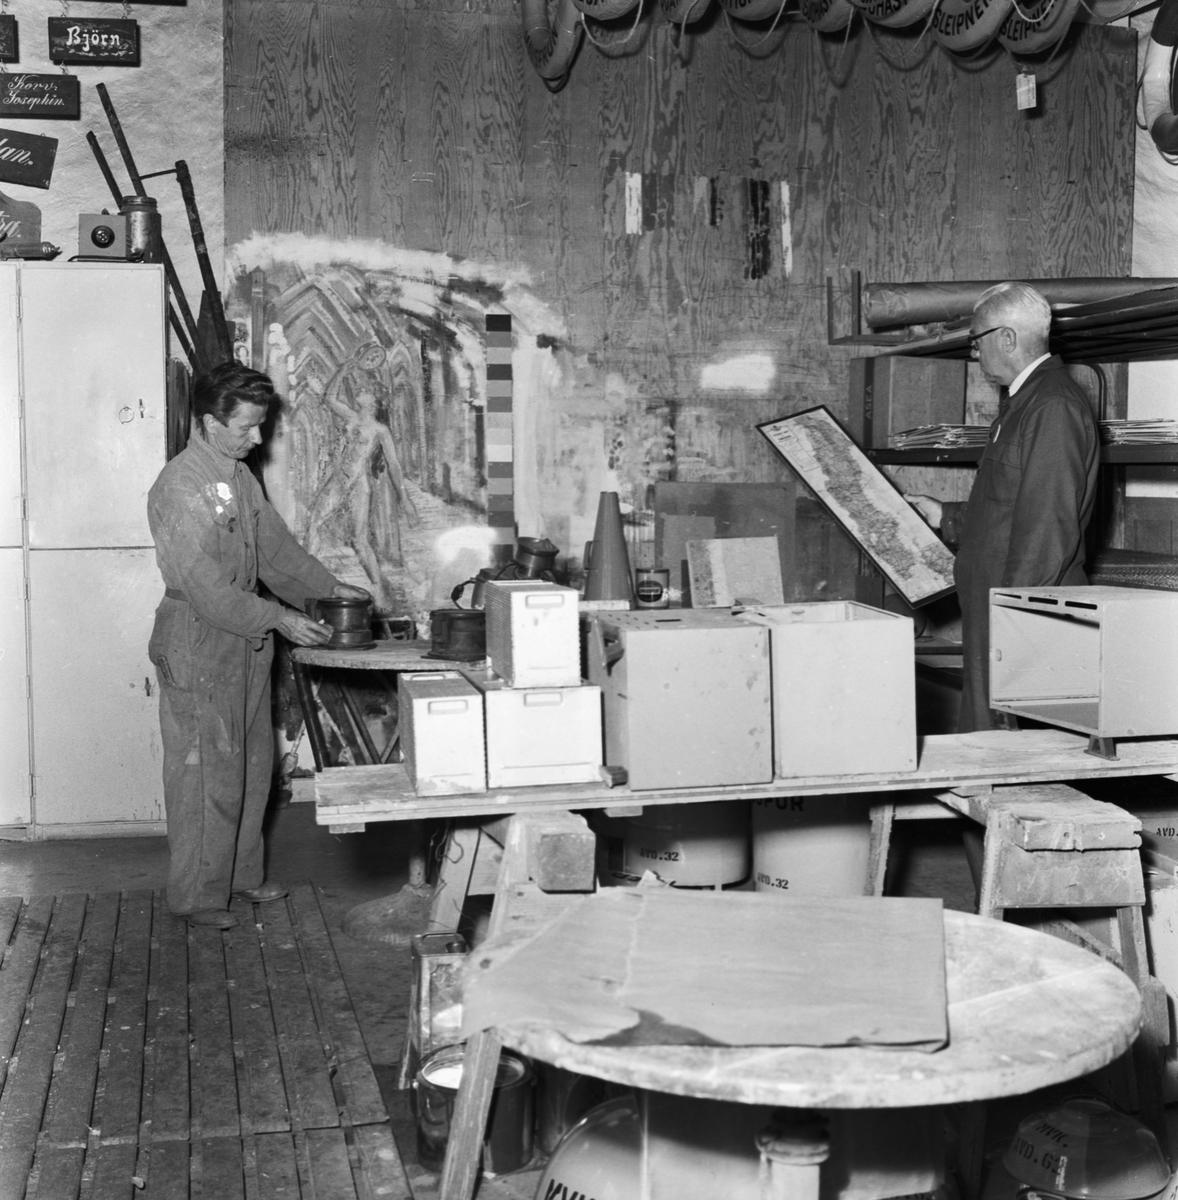 Övrigt: Foto datum: 13/8 1957 Byggnader och kranar Målareverkstans förråd